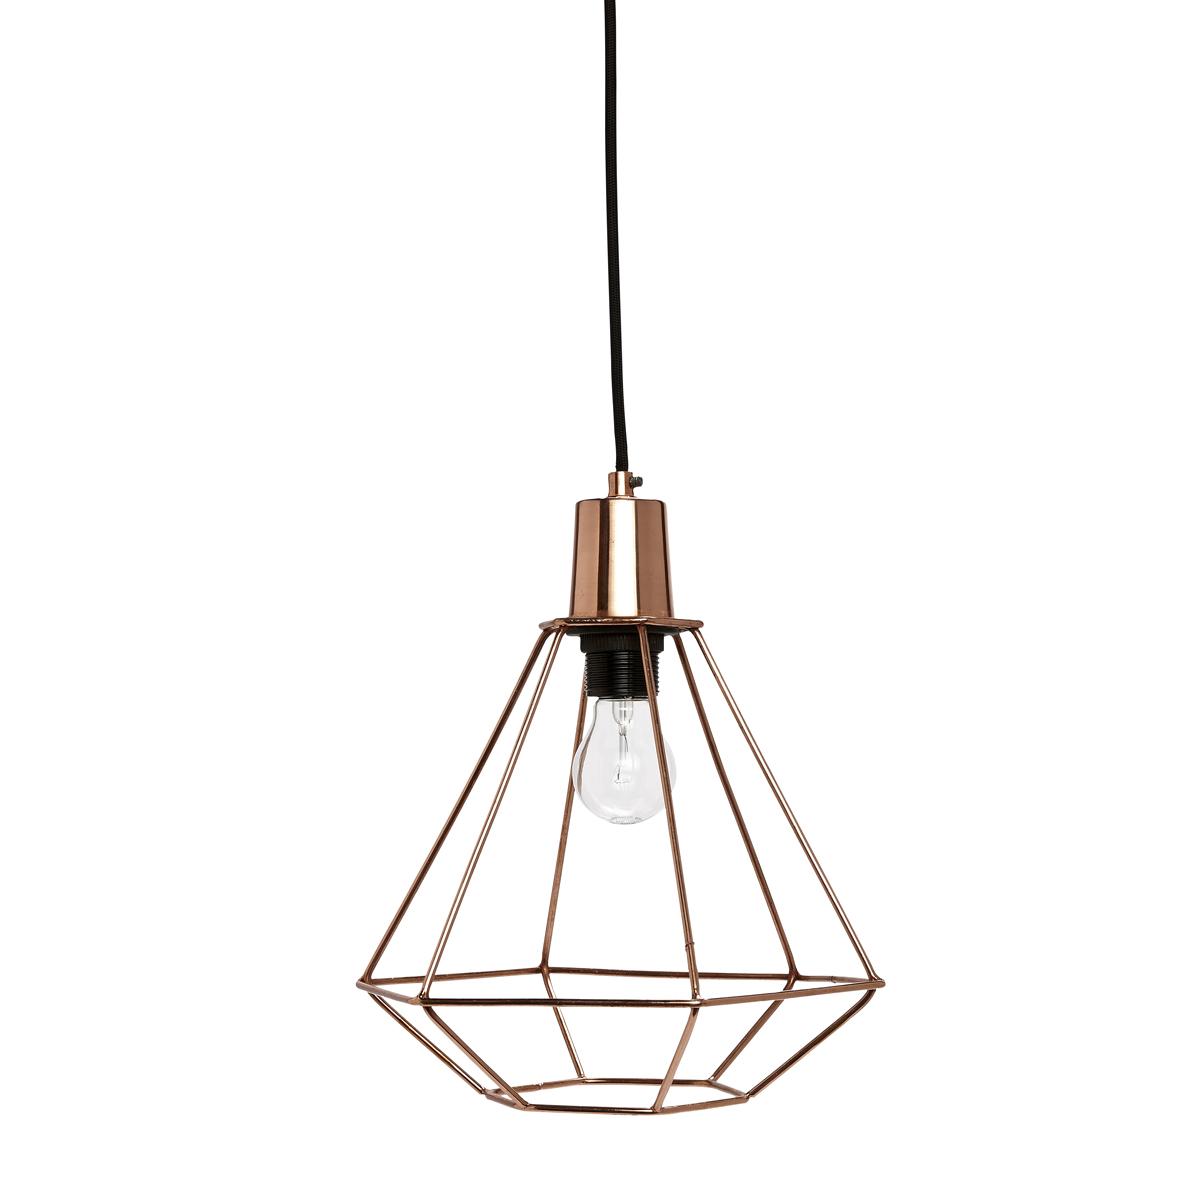 Светильник DIAMANTПодвесные светильники<br>Легкий, модный светильник из медной сетки. Особенно хорошо смотрится в группе. Сборка не требуется<br><br>Material: Металл<br>Height см: 35<br>Diameter см: 25